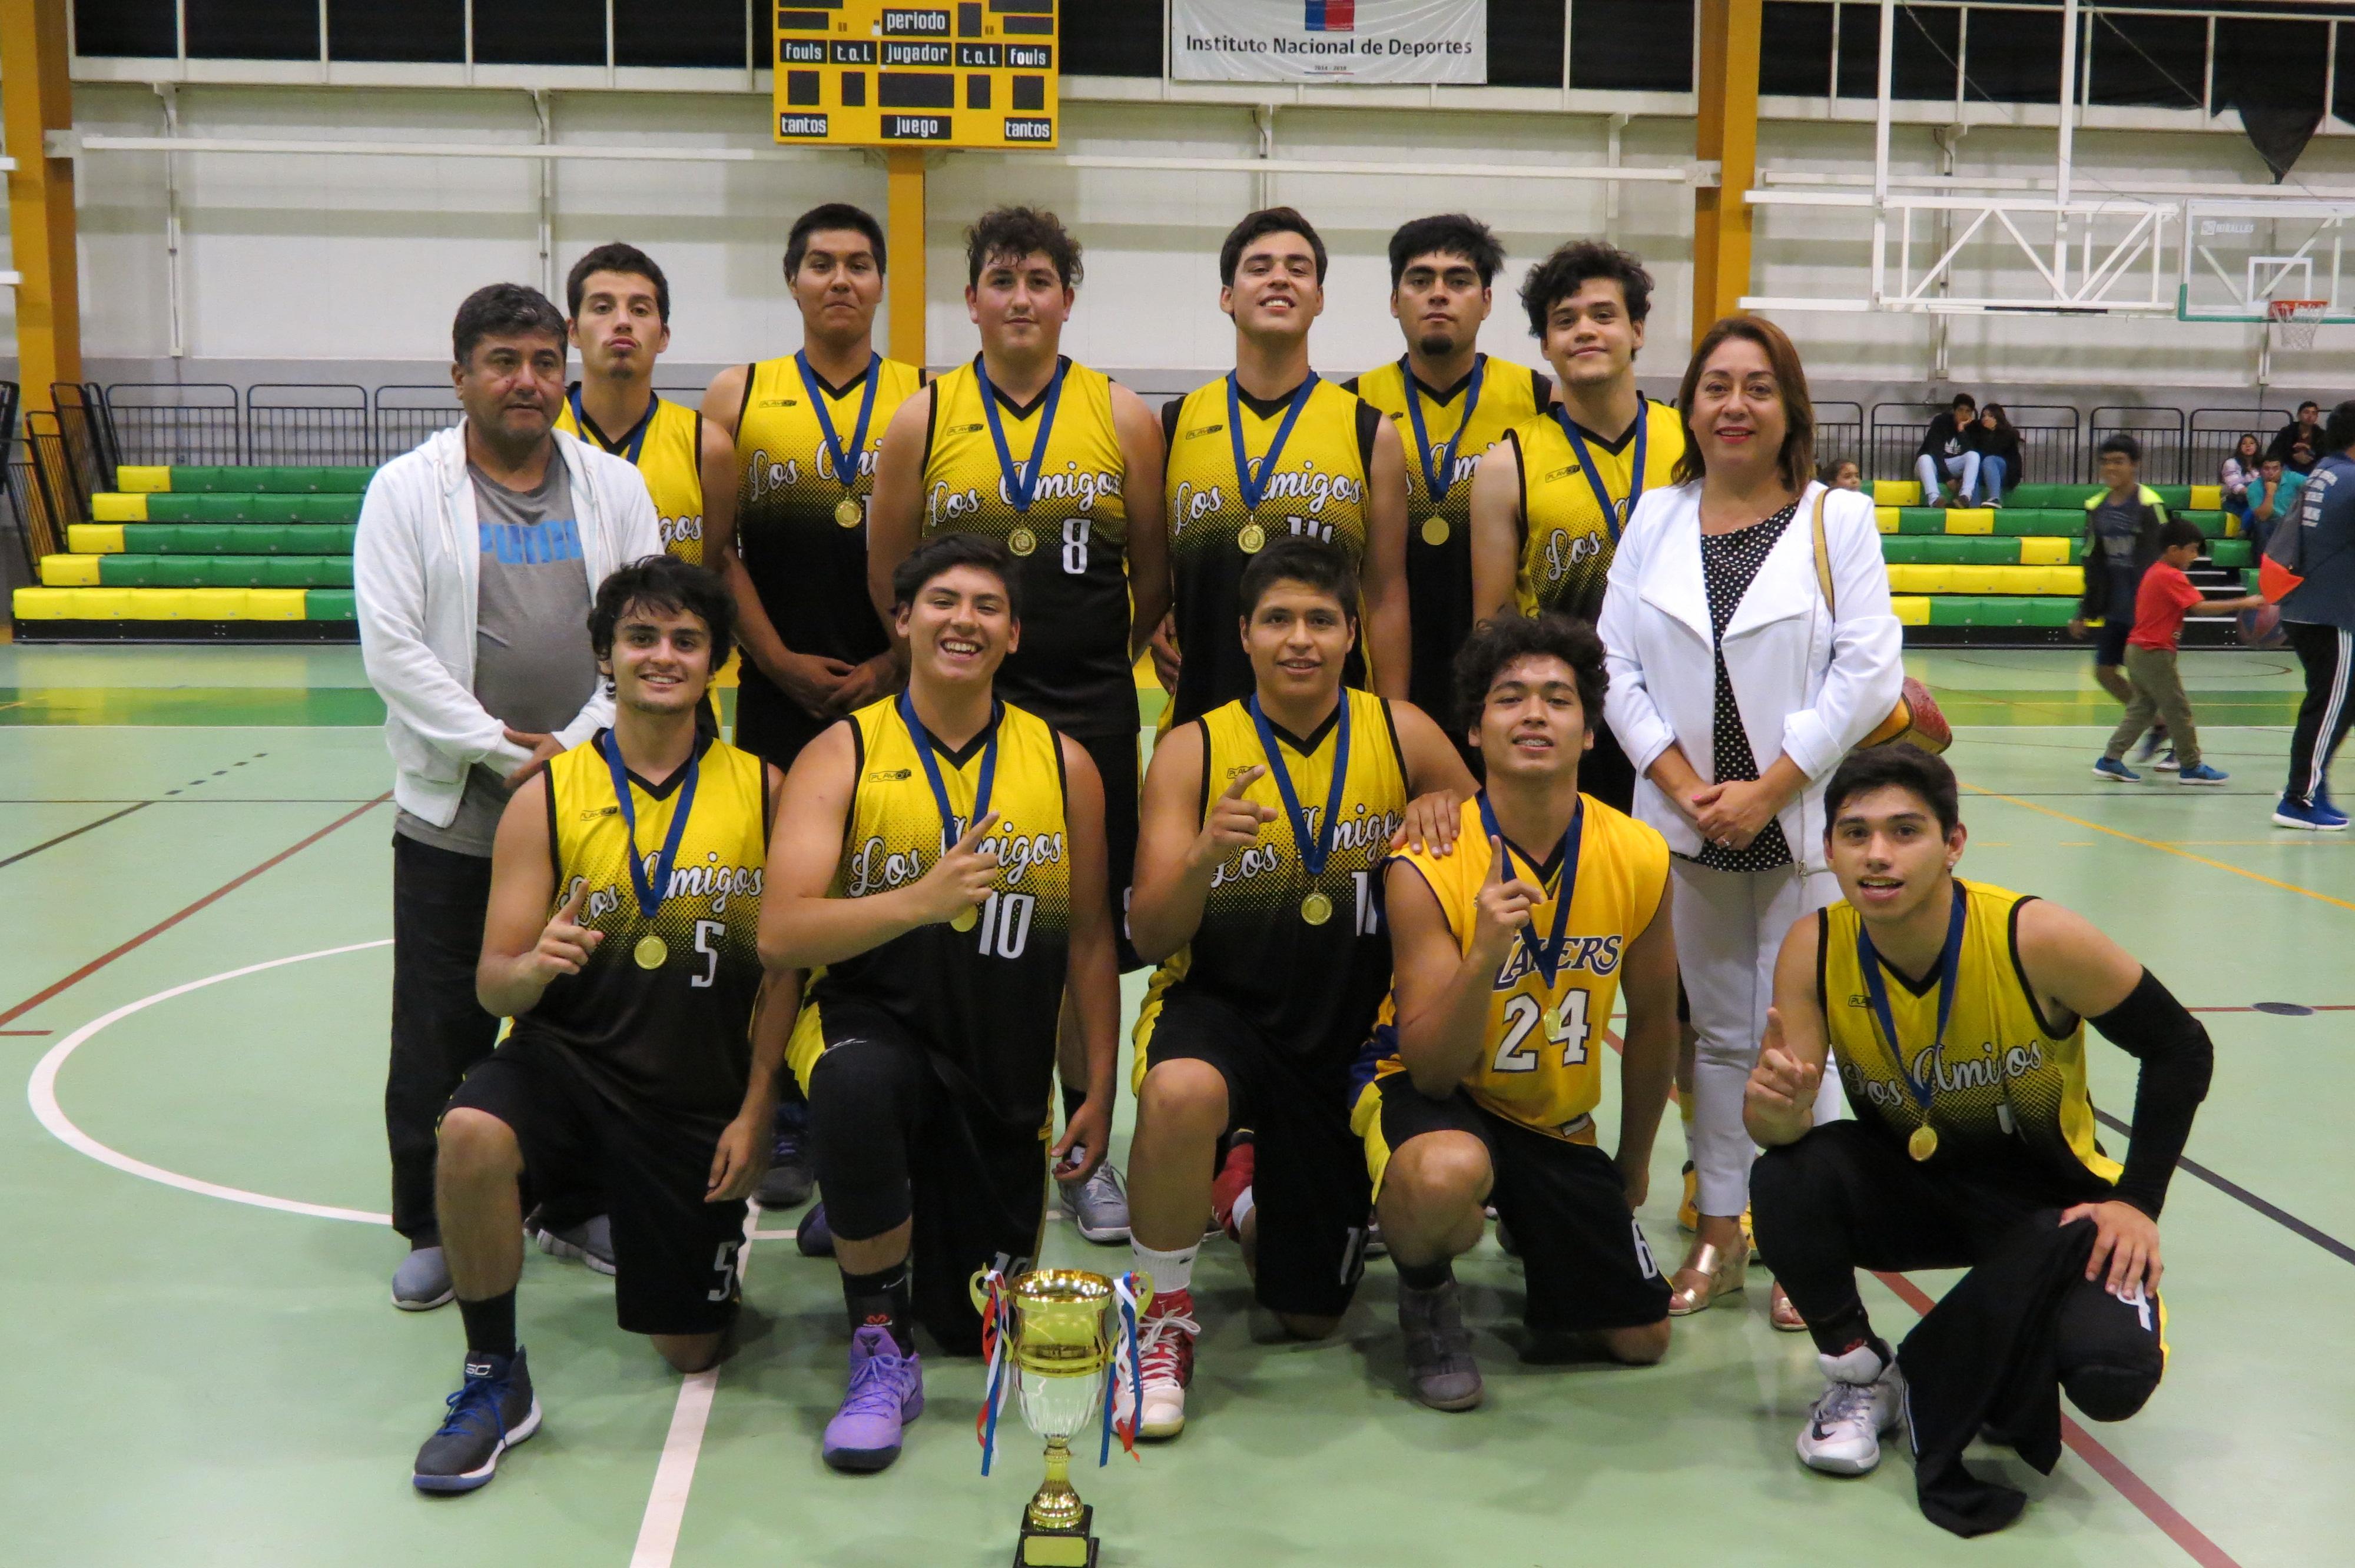 Copiapó de coronó campeón del basquetbol en Vallenar